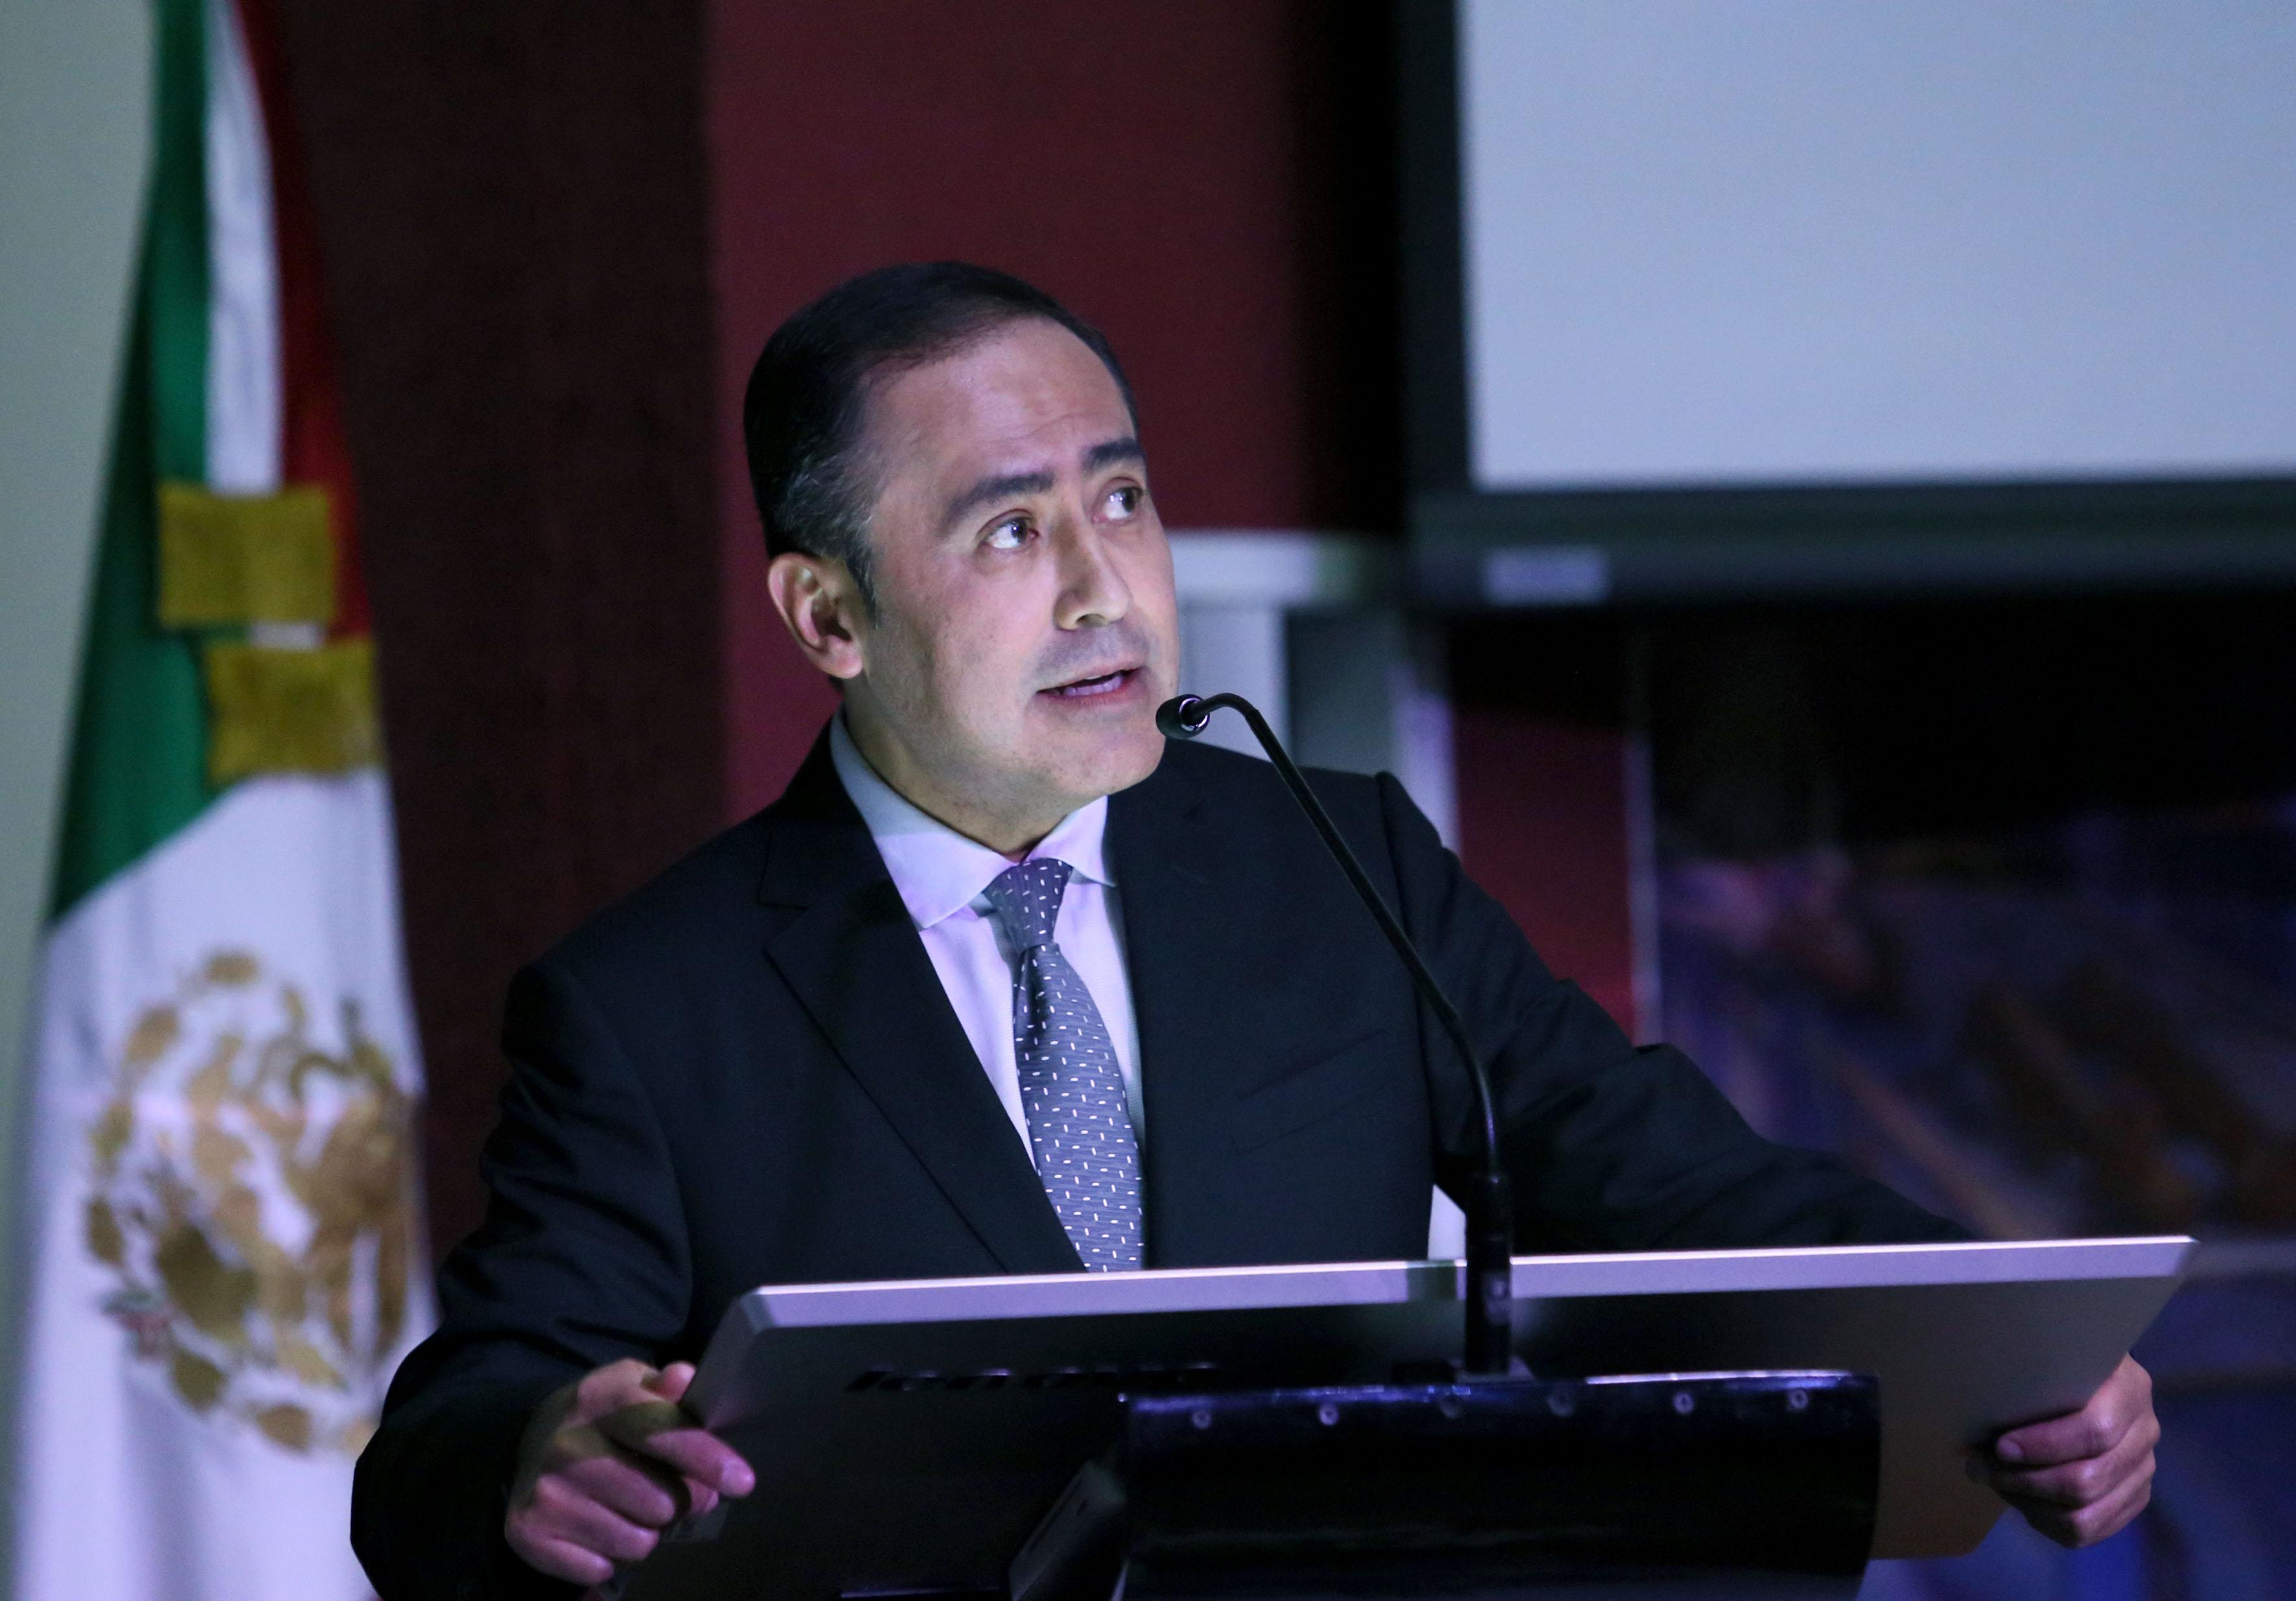 Doctor Jaime Federico Andrade Villanueva, Rector del CUCS, en podium del auditorio del centro universitario, haciendo uso de la palabra.